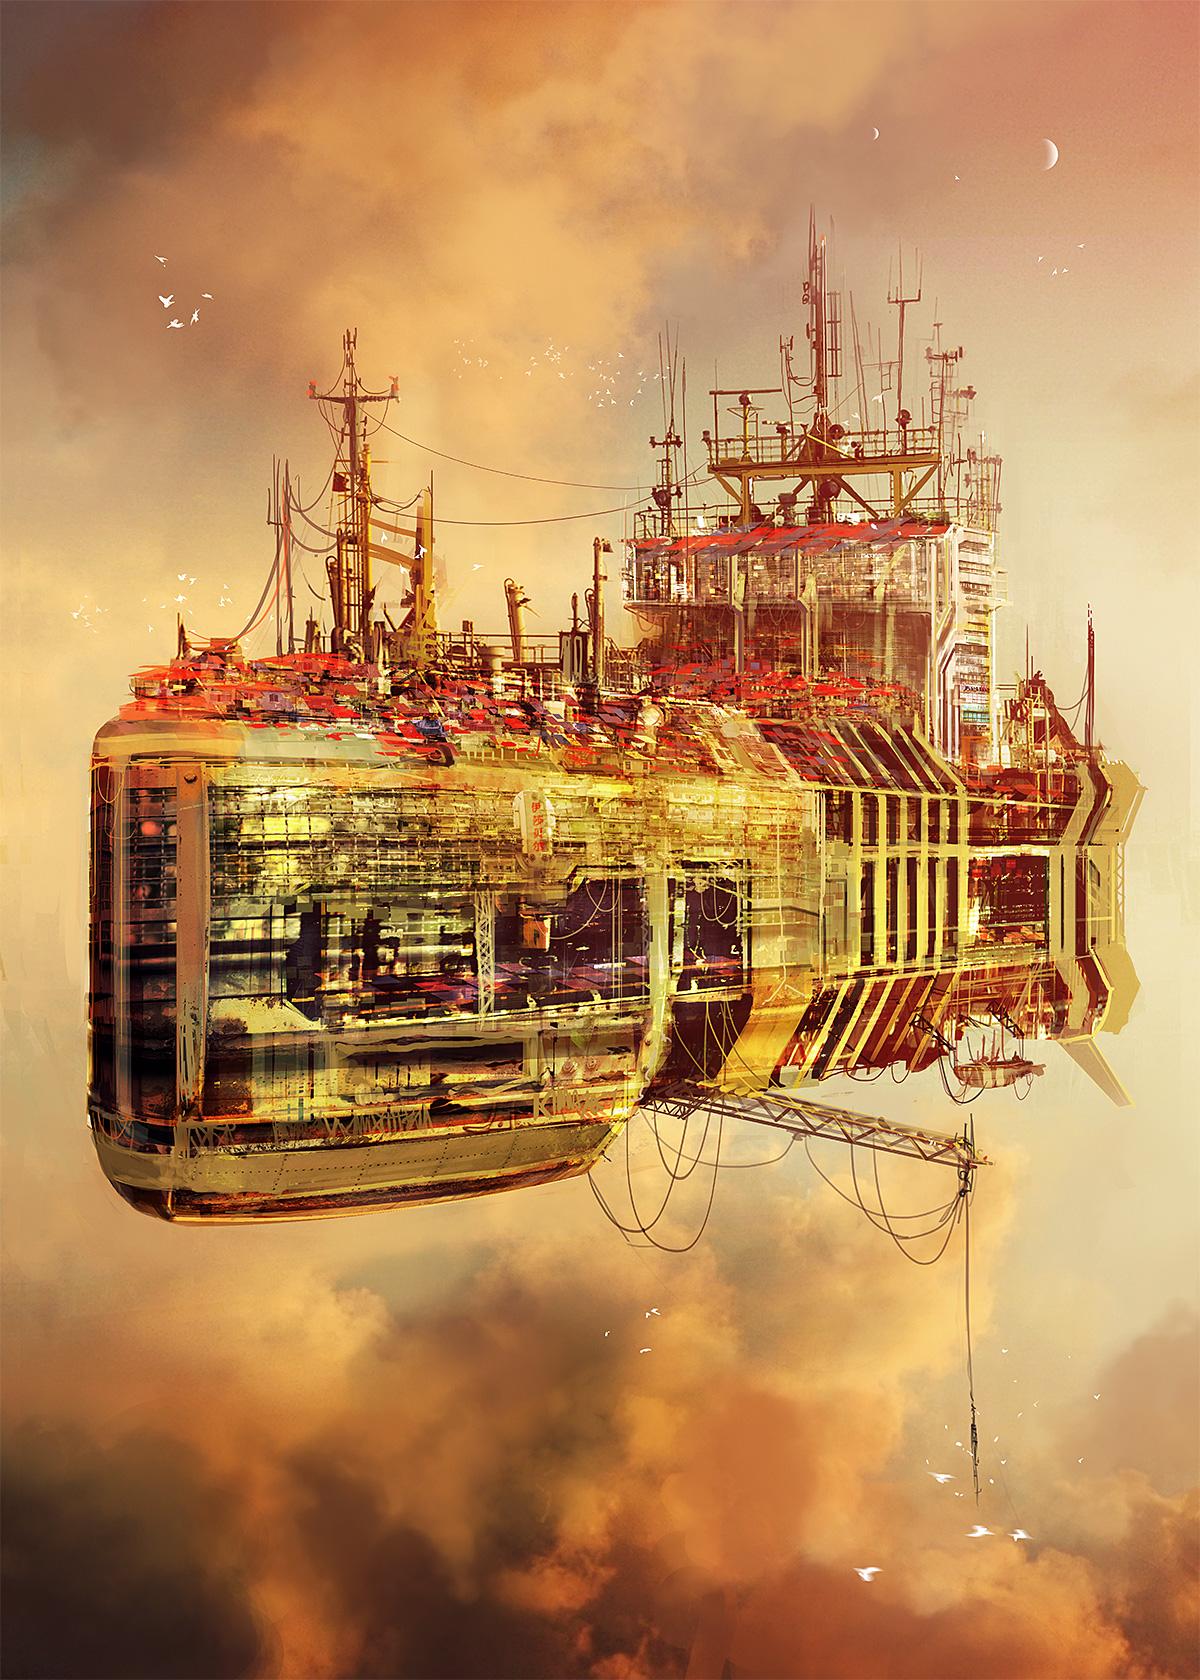 Big rusty flying town ship by MacRebisz